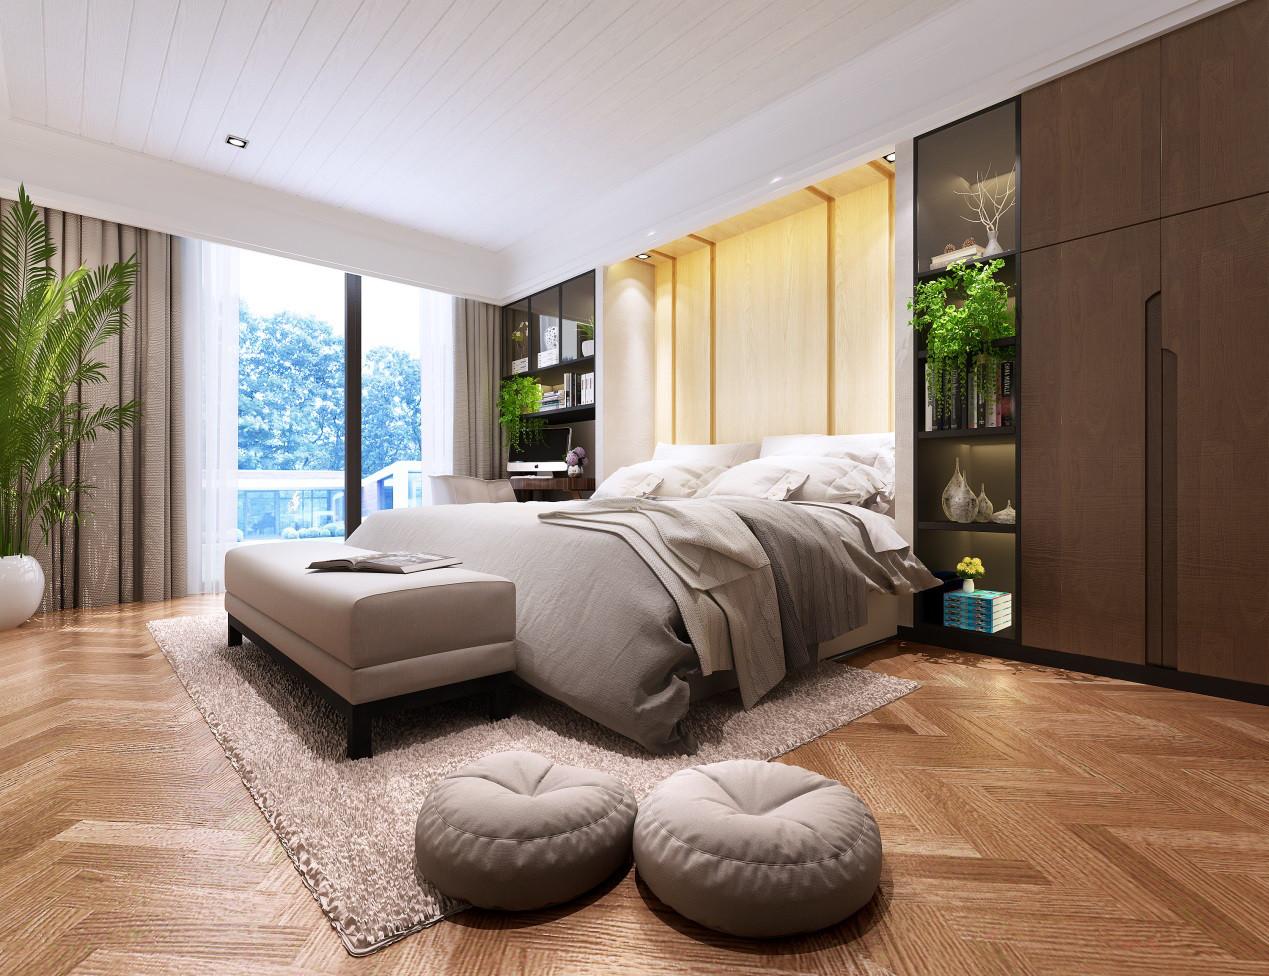 主卧:卧室床头背景整体化设计,也满足了收纳功能,线条流畅,富有时尚气息,充分体现自然、闲适、简洁、时尚的新生活理念,营造完美舒适的卧房空间,带给人内心的宁静。